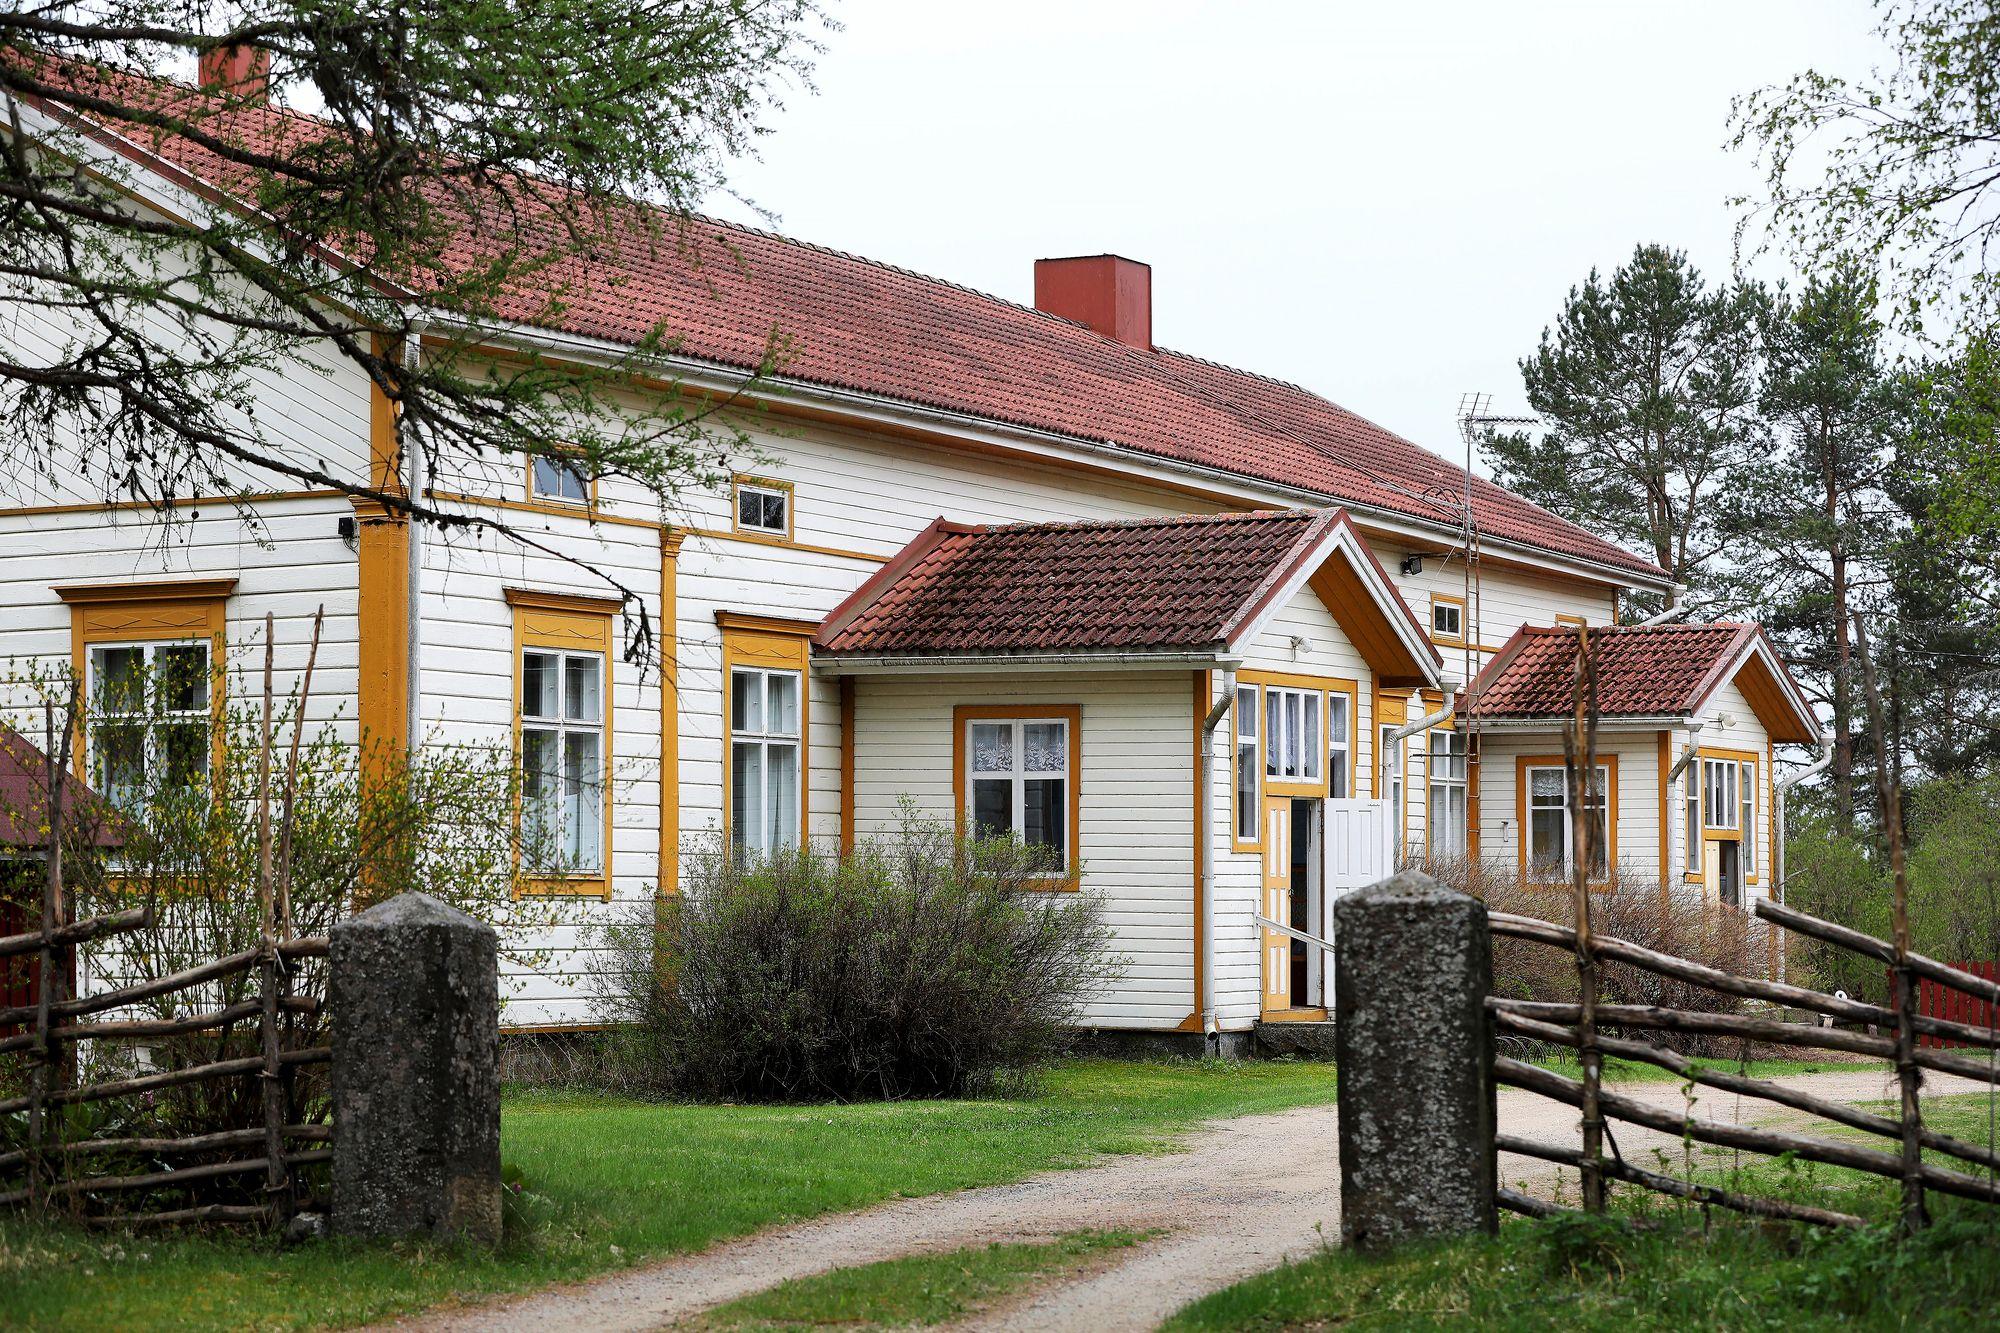 Kyllikki Saari työskenteli Isojoen pappilassa syksystä 1952 alkaen. Talossa asui kirkkoherra perheineen. © Jussi Partanen